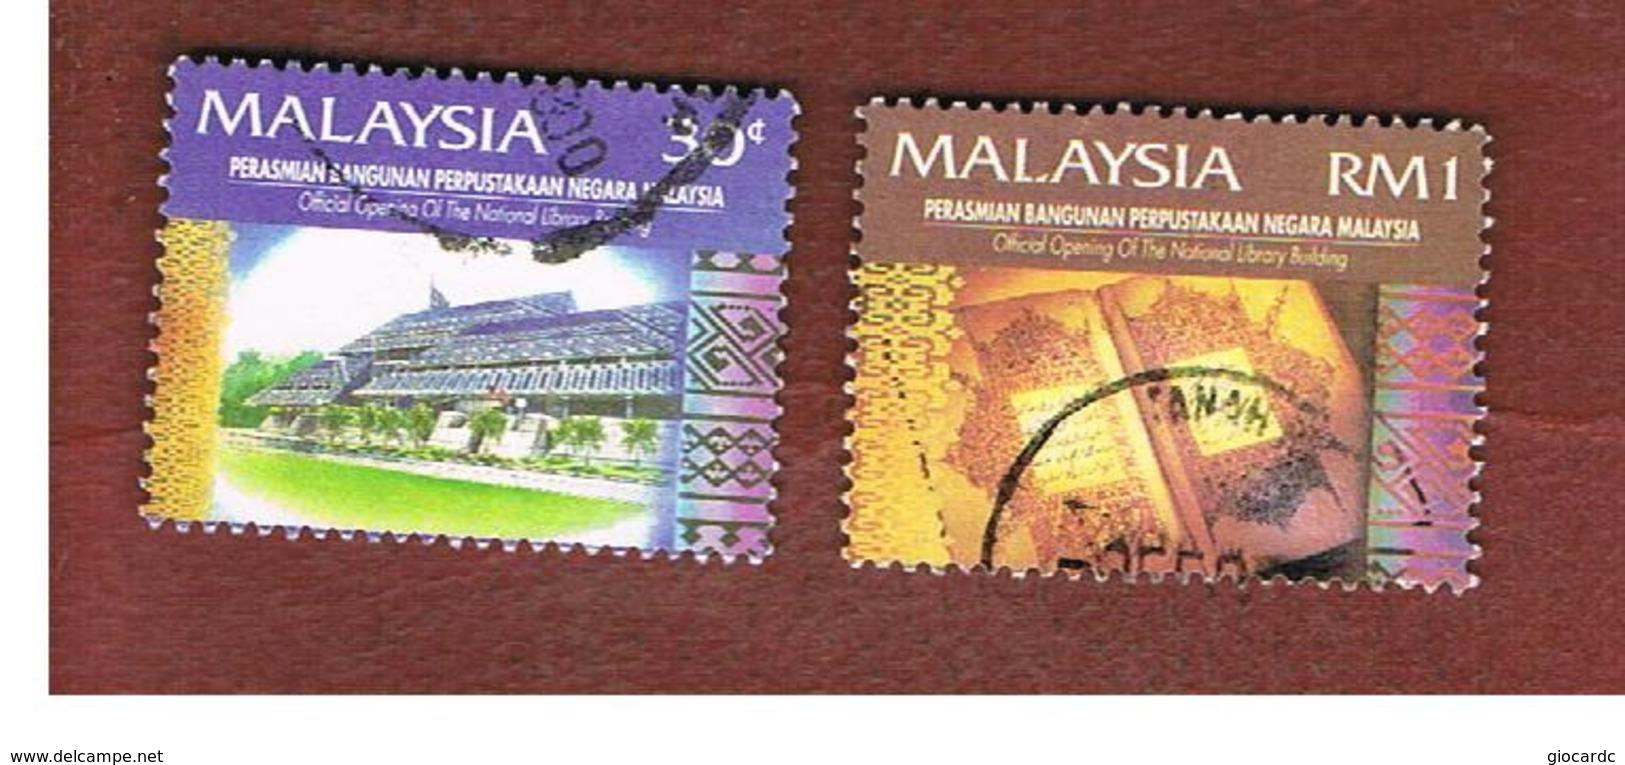 MALESIA (MALAYSIA)  -  SG 552.554  -   1994  NATIONAL LIBRARY  -  USED ° - Malesia (1964-...)